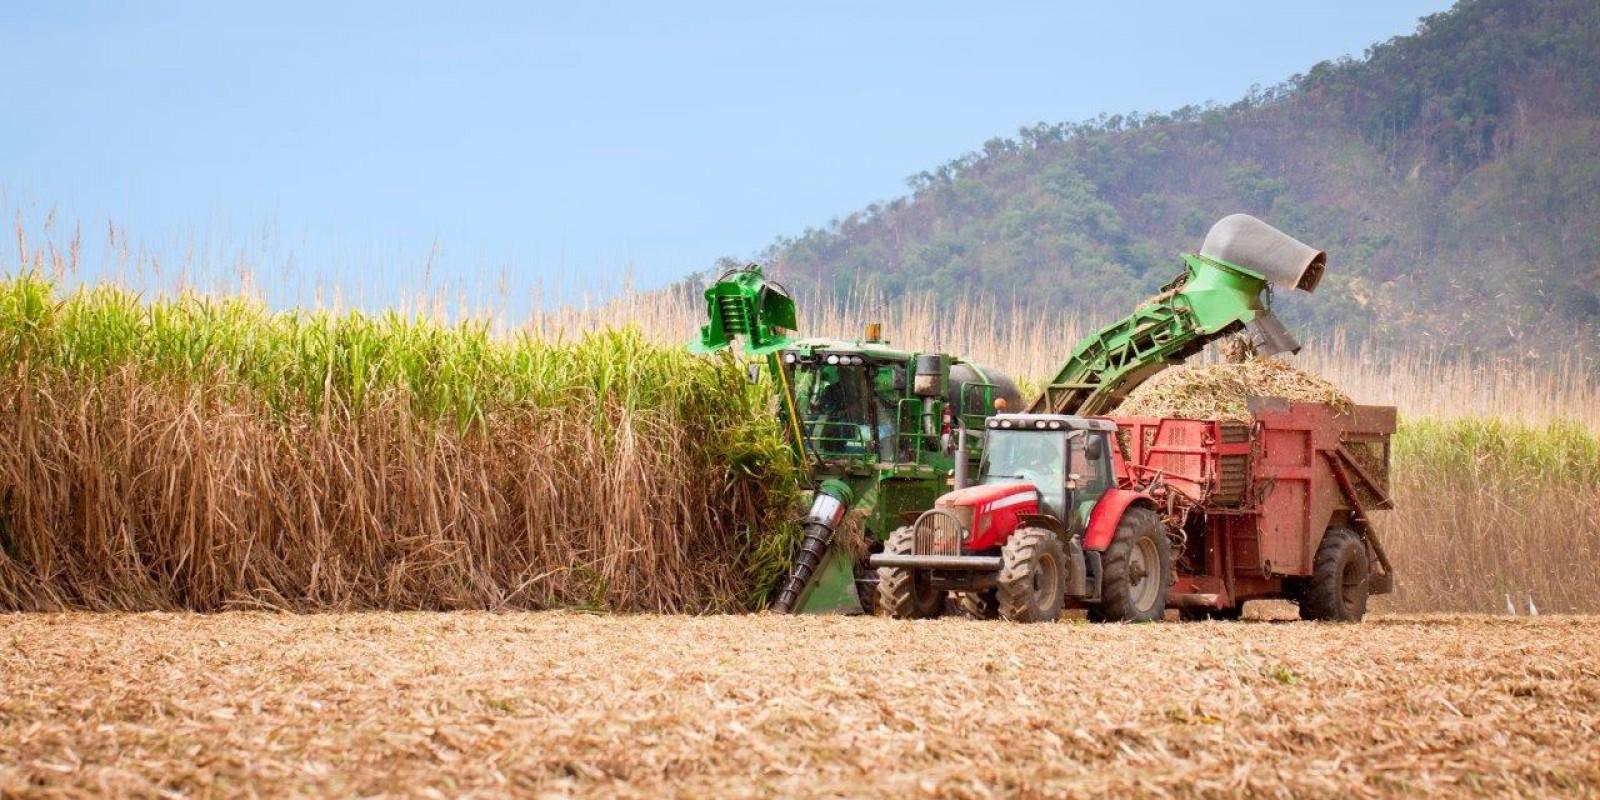 Usina Coruripe anuncia aumento do plantio de cana-de-açúcar em Paranaíba